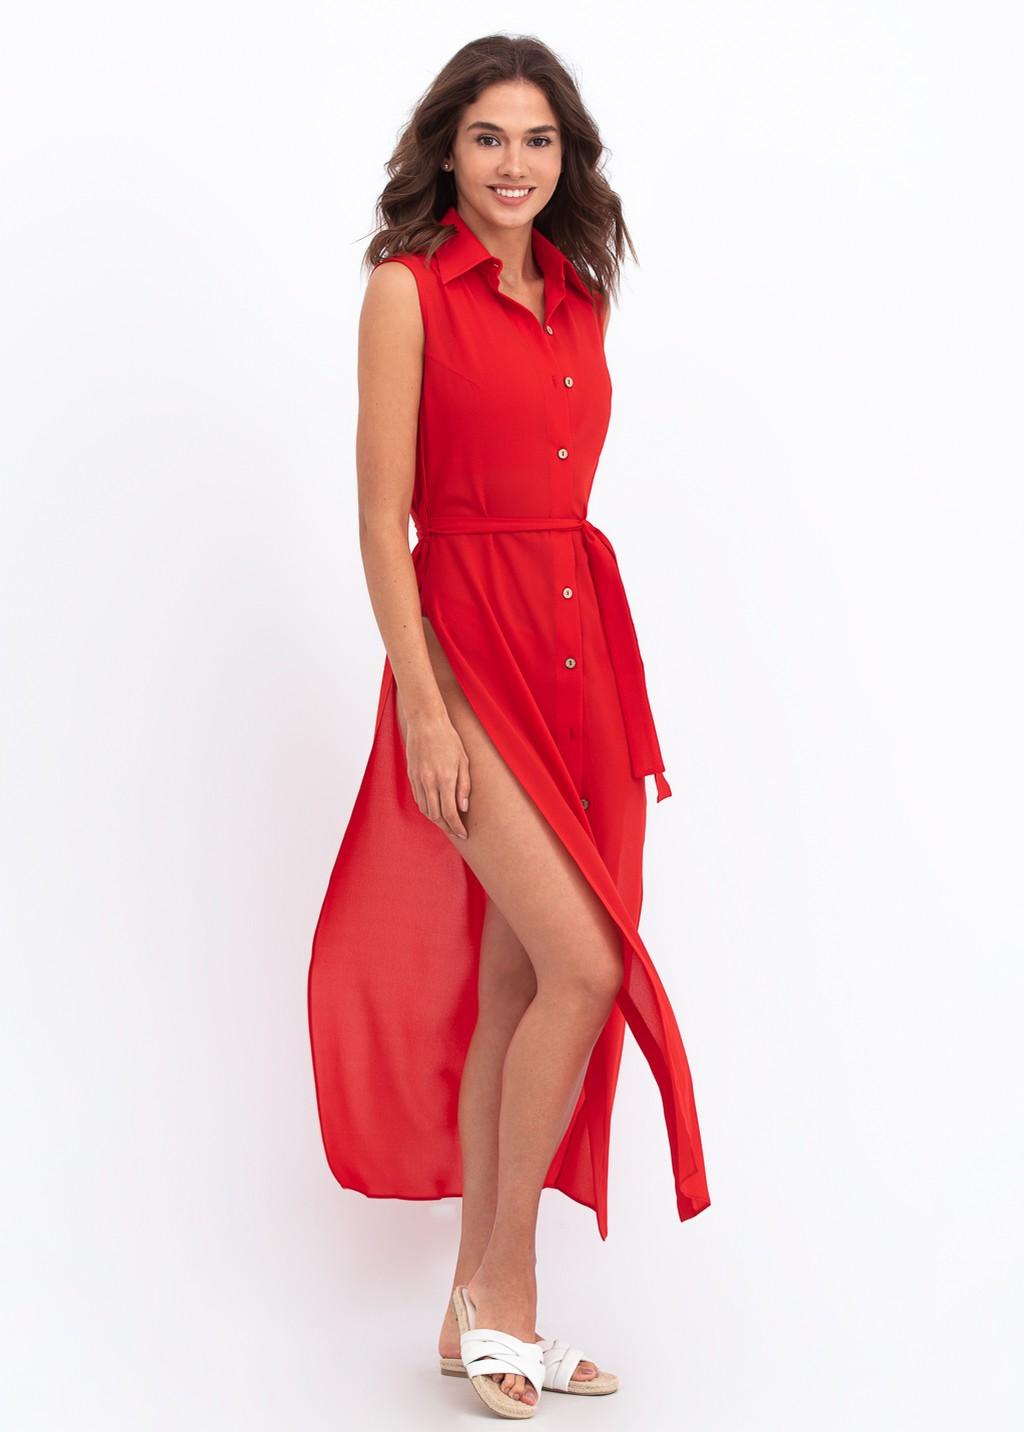 Red chiffon leisure dress